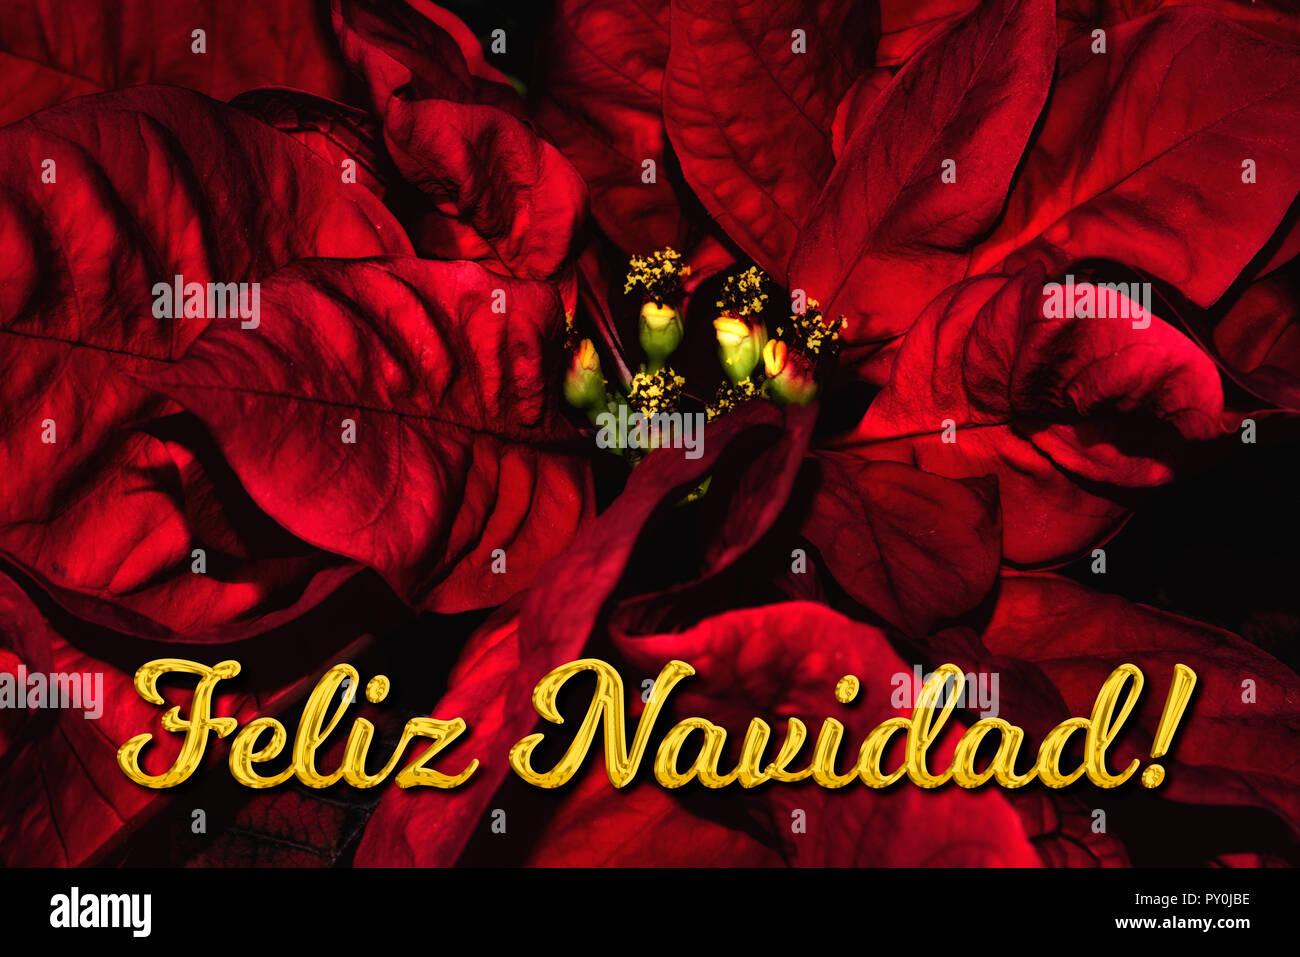 Weihnachtsgrüße Auf Spanisch.Der Spanische Text Feliz Navidad Bedeutet Frohe Weihnachten